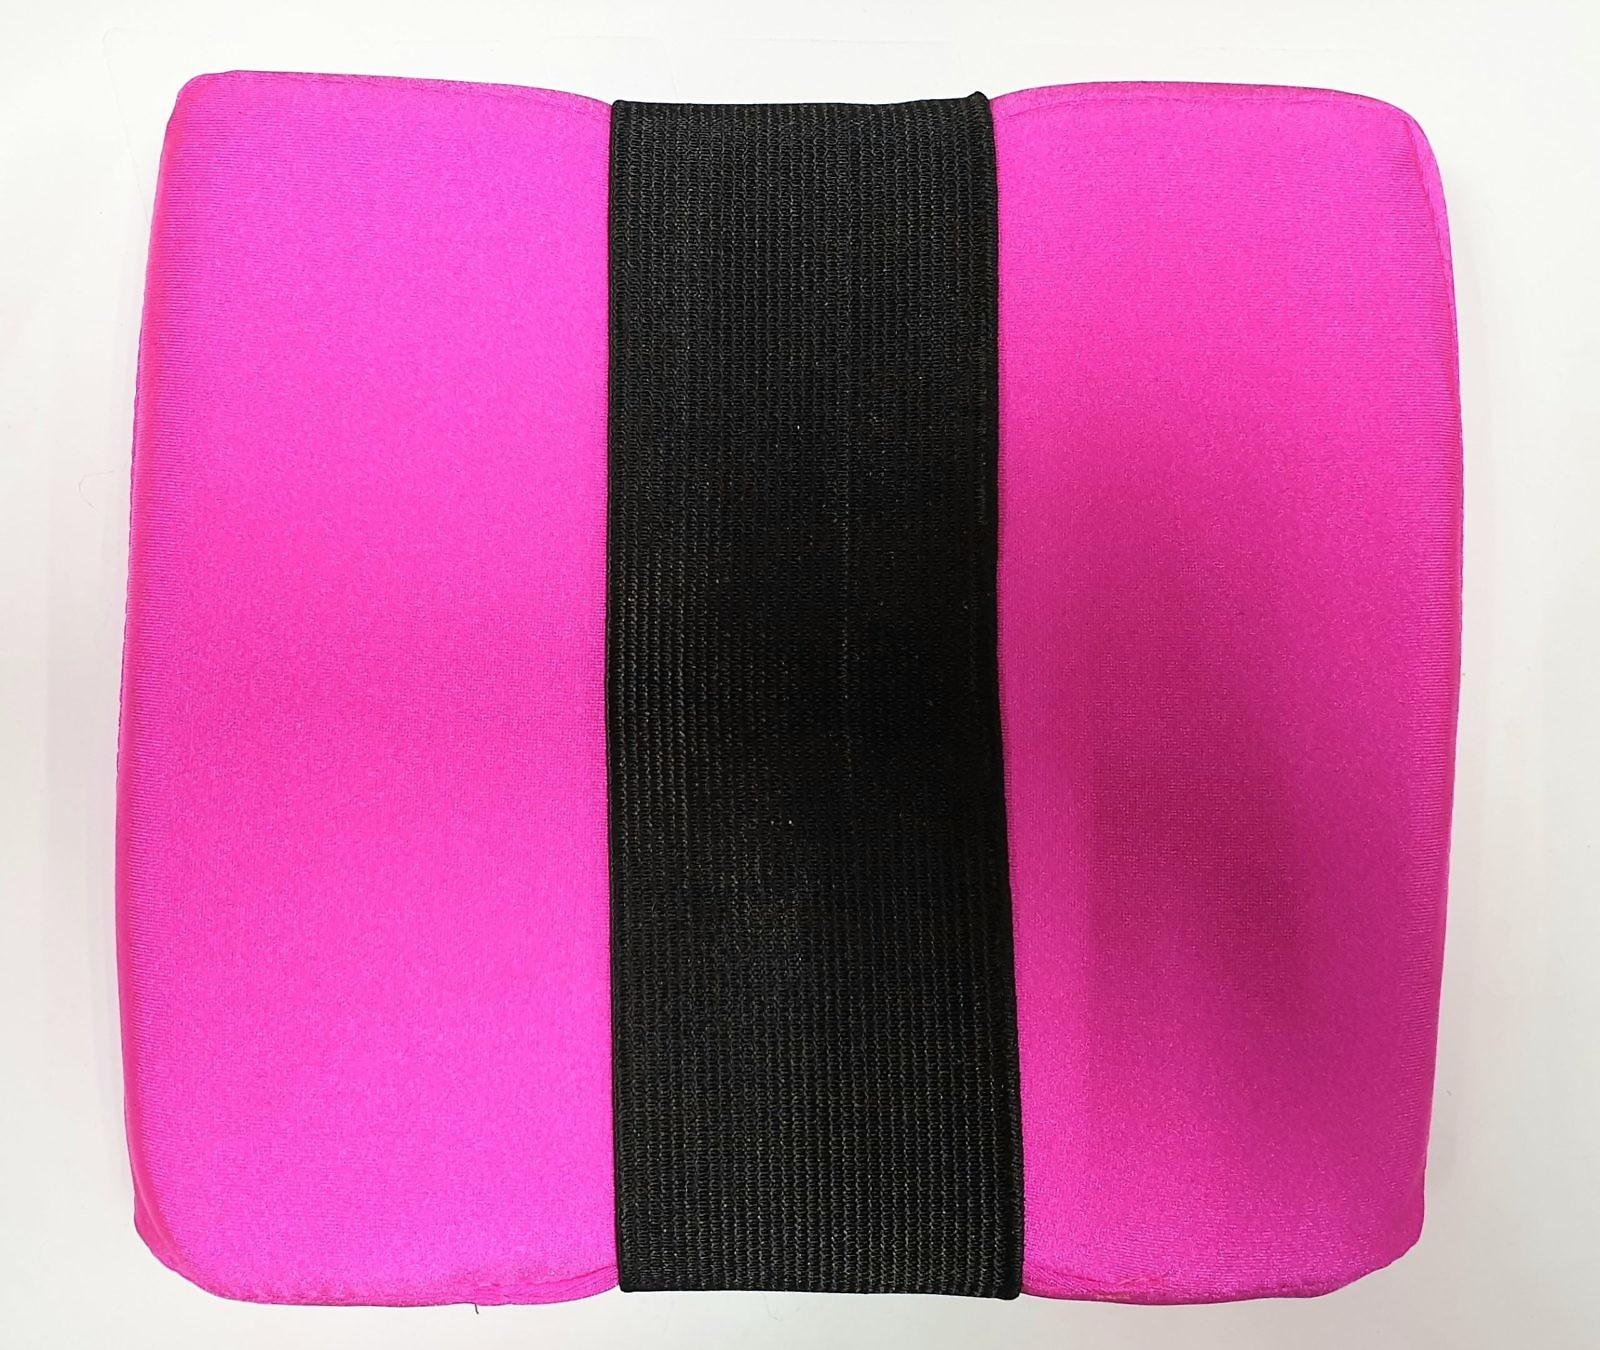 Подушка для растяжки - Розовый